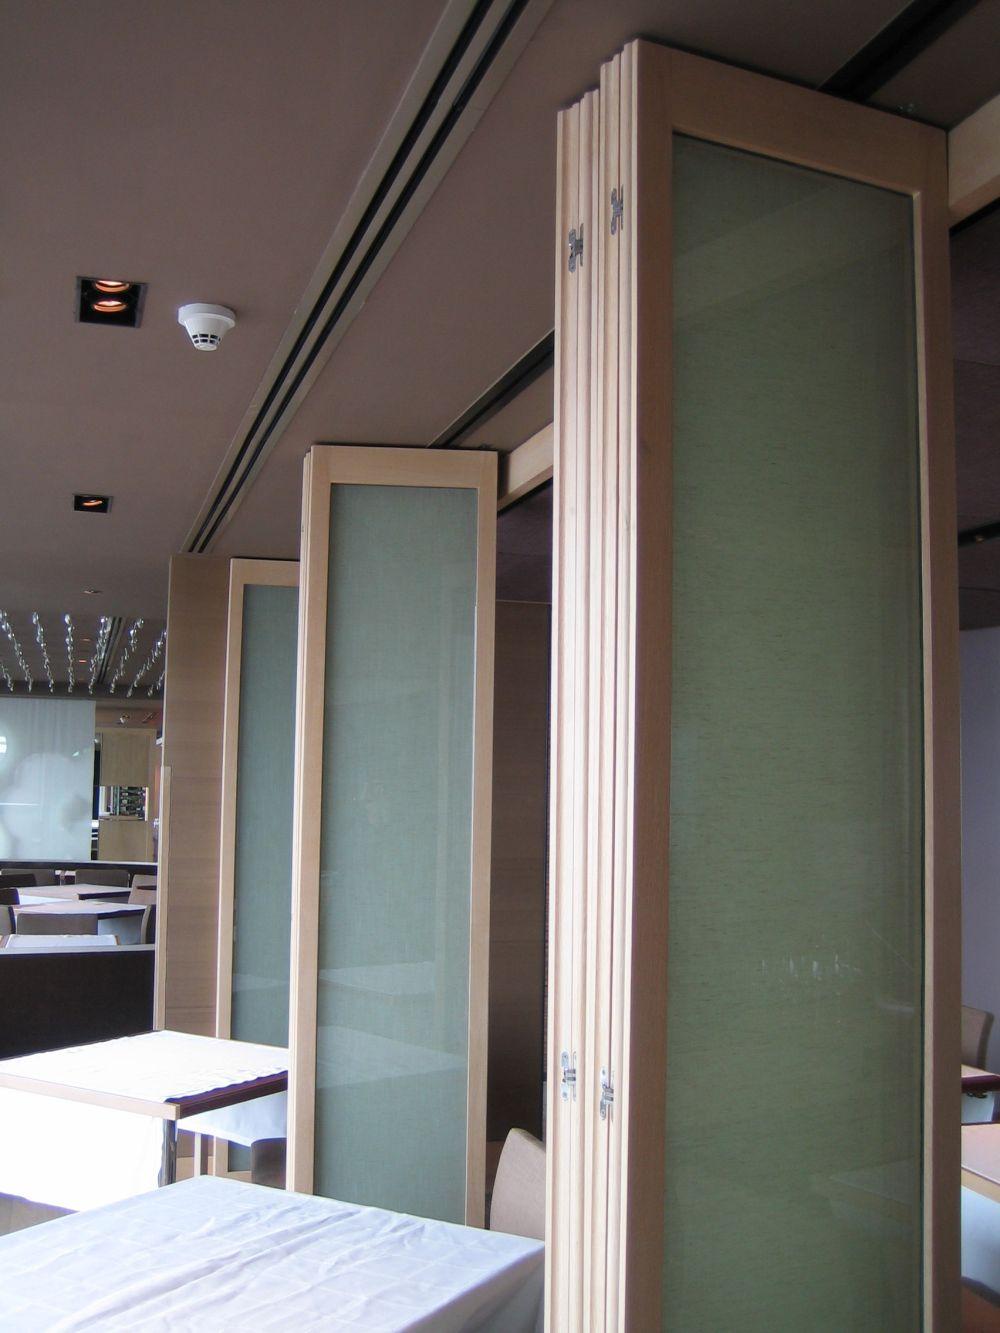 季裕棠香港法式餐厅高清自拍_IMG_0094.jpg